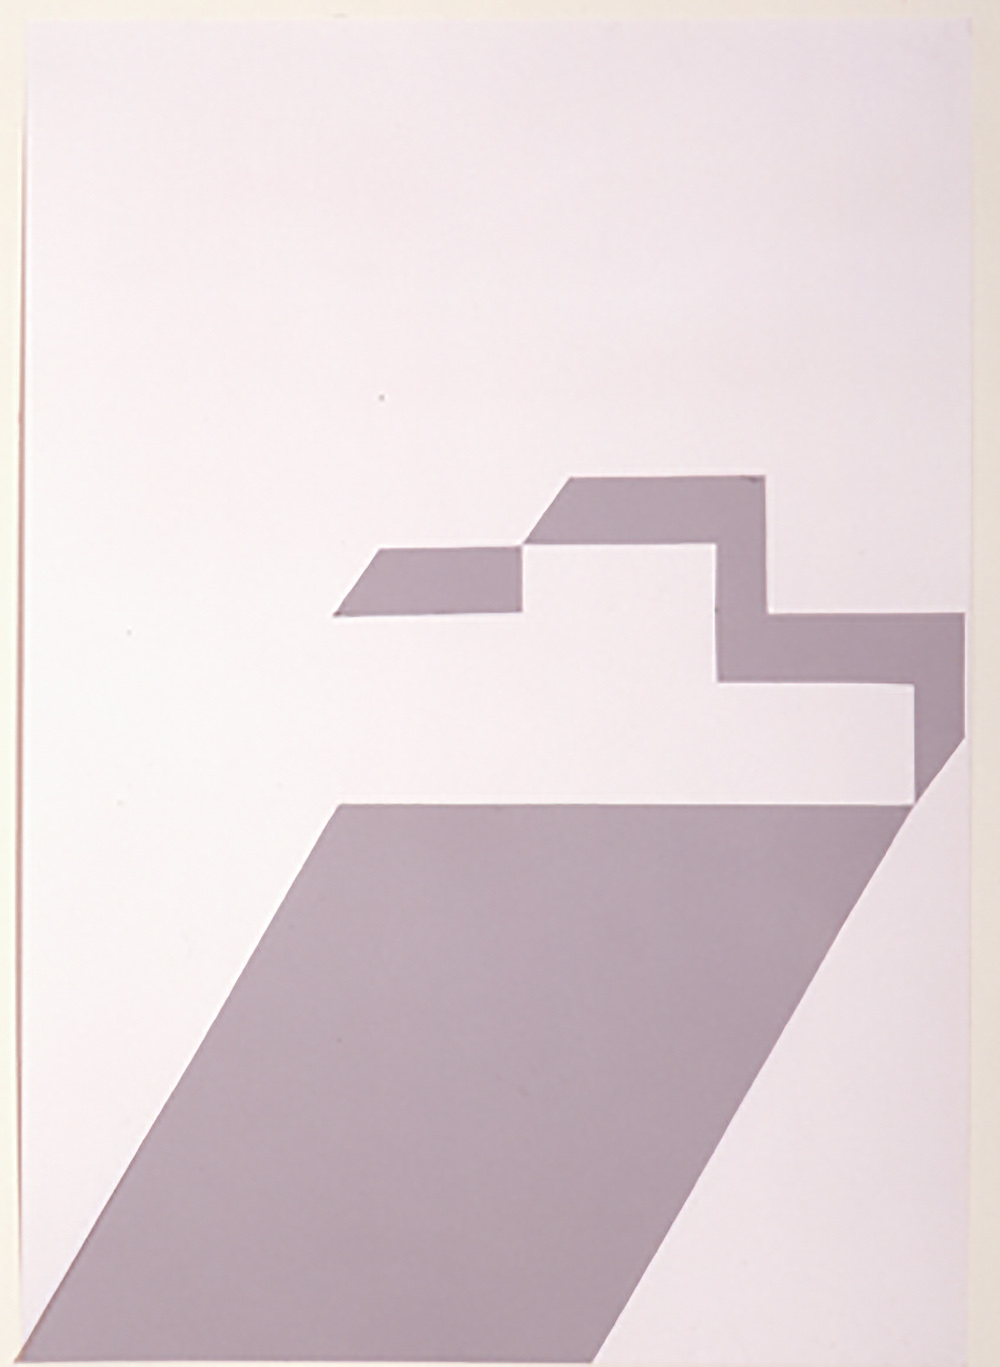 o.T. | 1998 | Papierarbeit, Collage und Scherenschnitt auf Karton | 86 x 61 cm